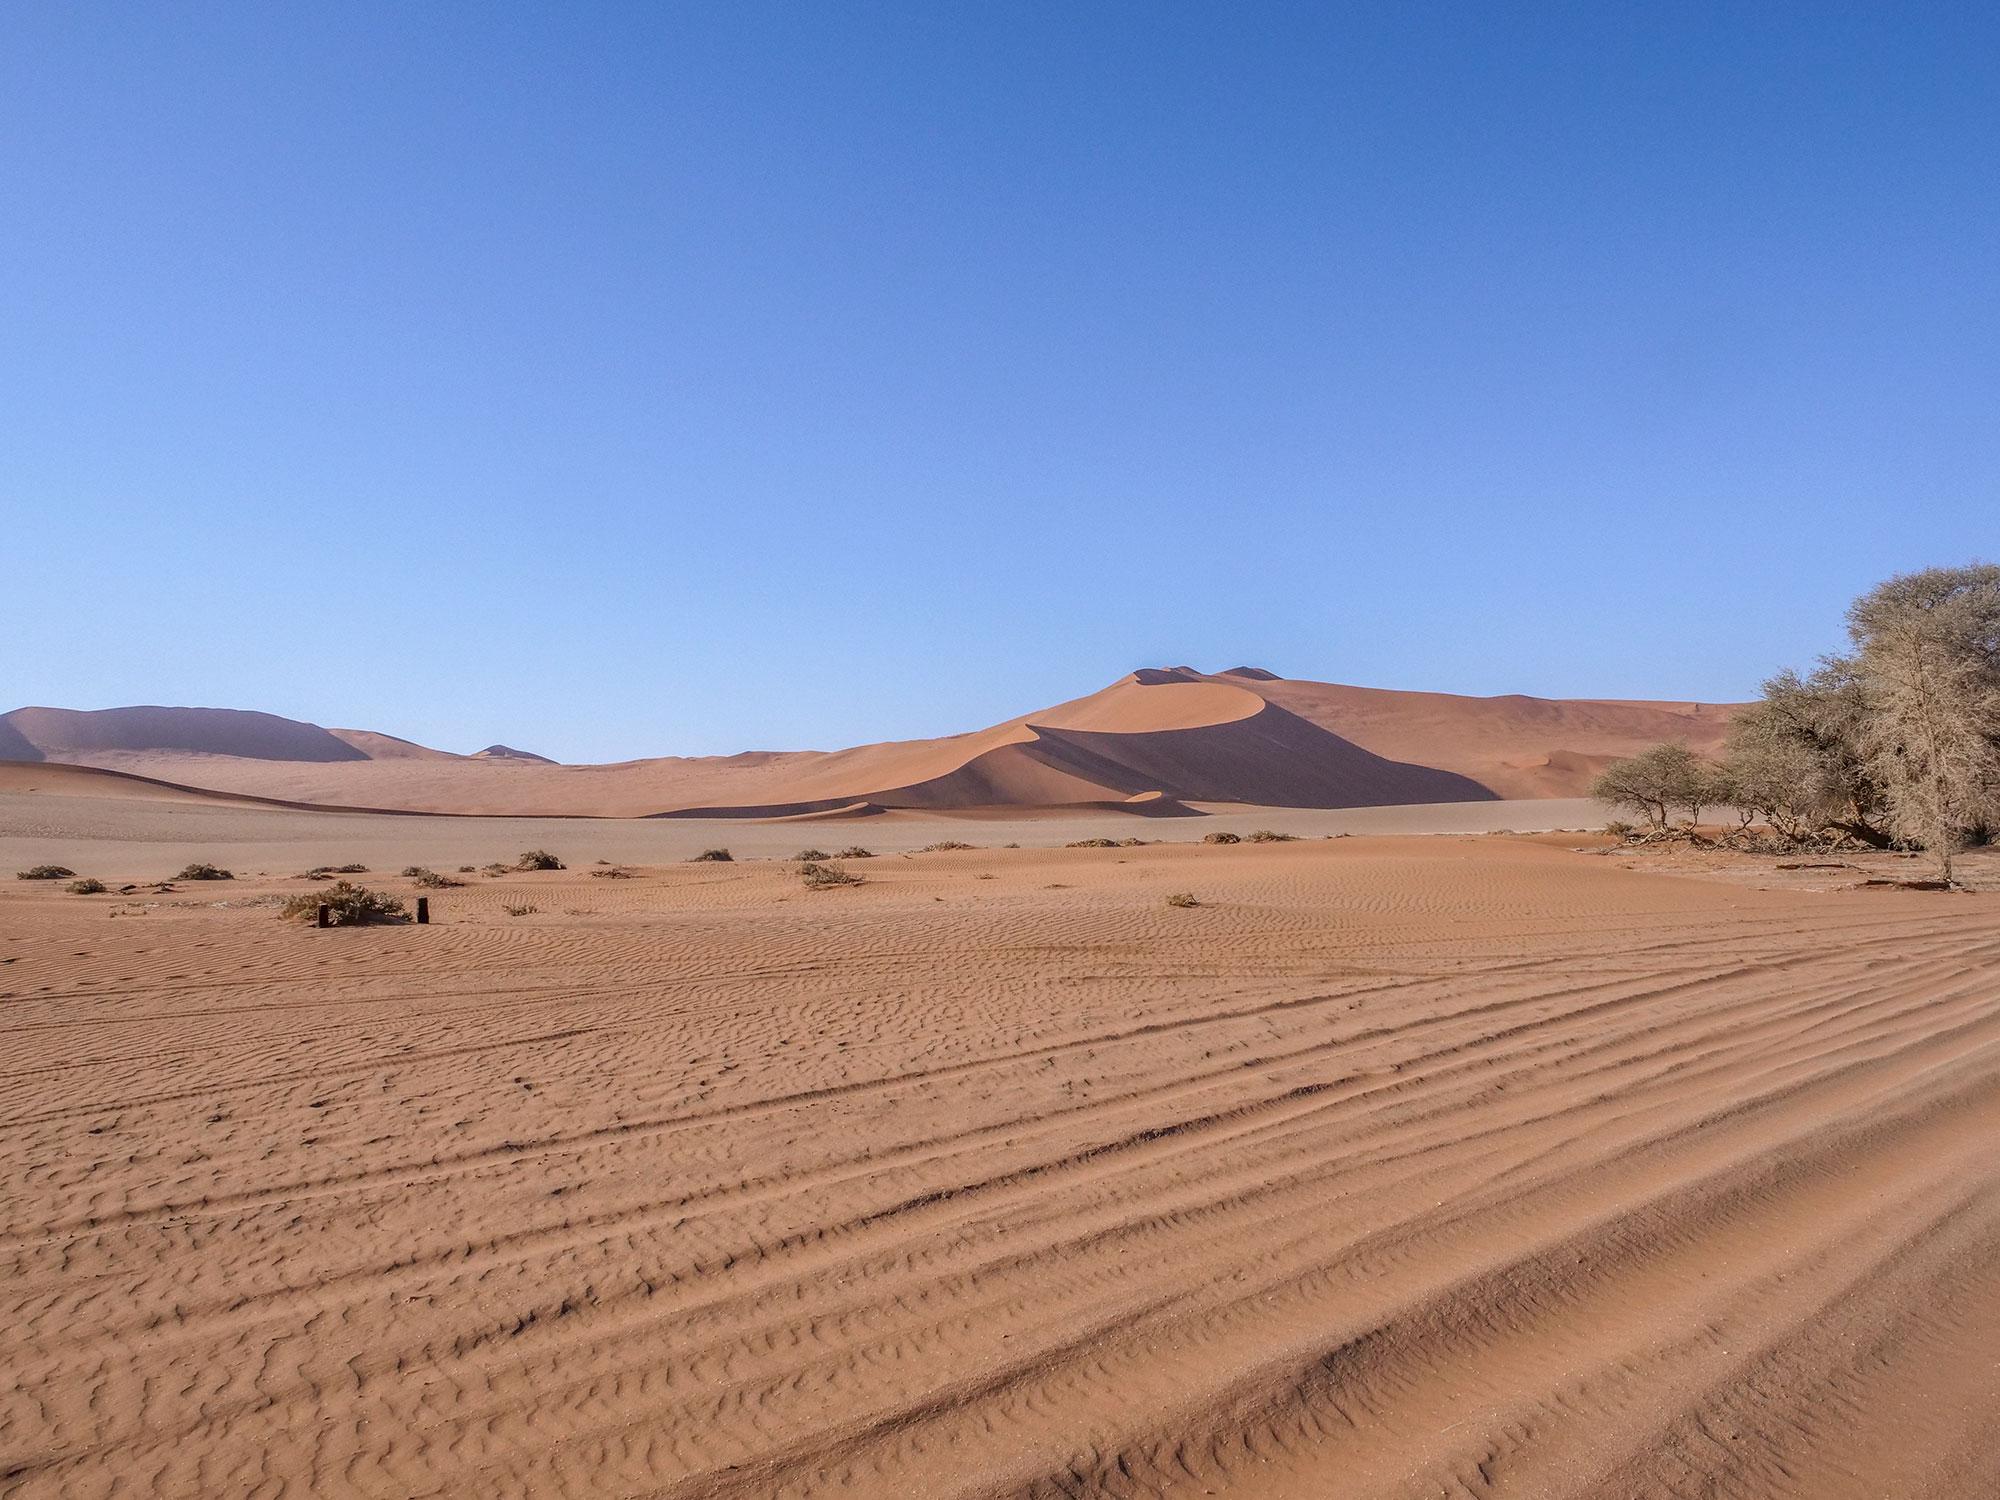 Sand dunes in Sossusvlei, Namib Desert in Namibia, Africa